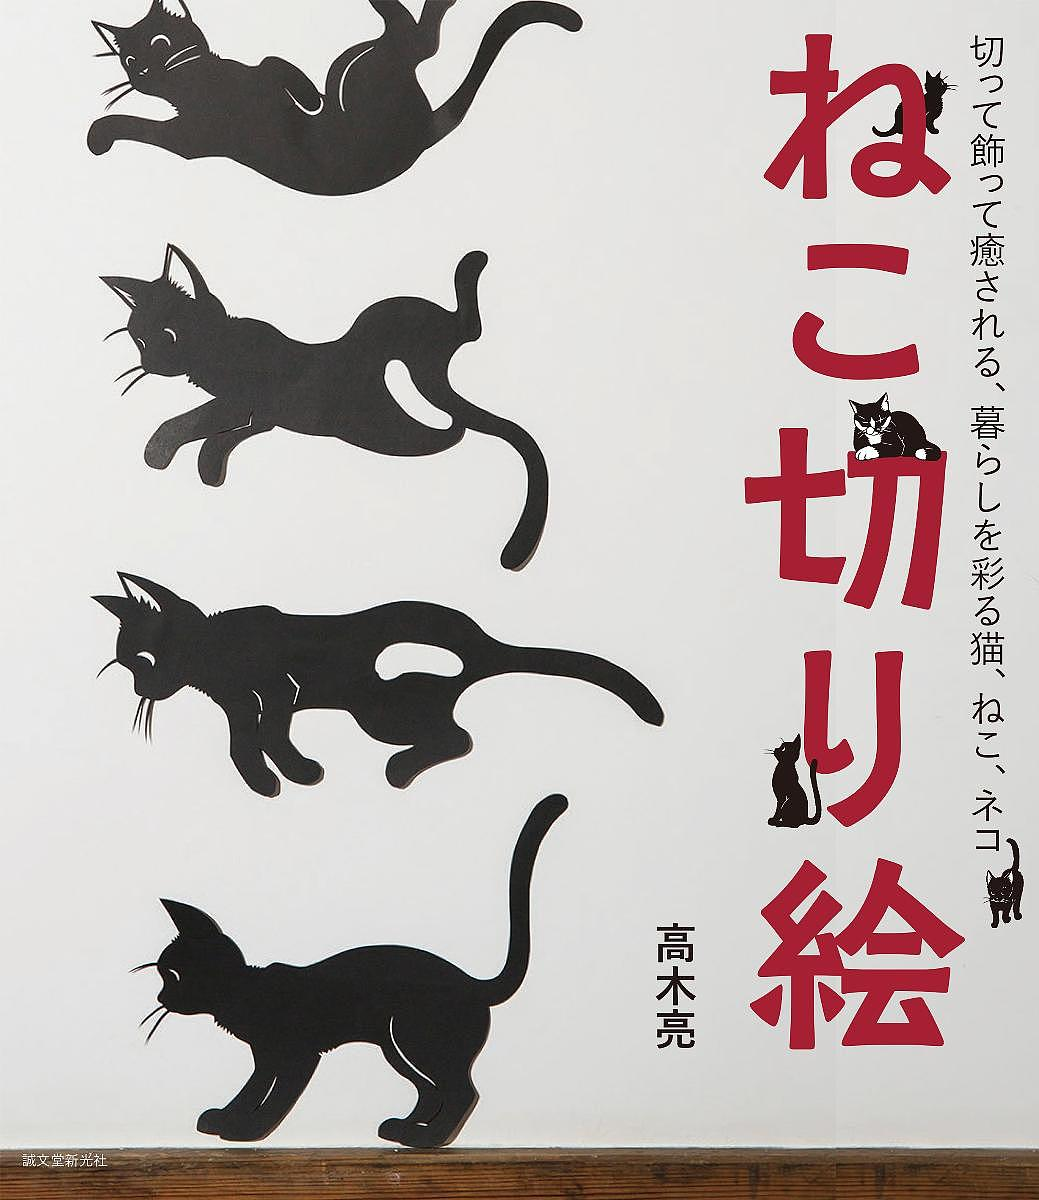 ねこ切り絵 切って飾って癒される、暮らしを彩る猫、ねこ、ネコ/高木亮【1000円以上送料無料】